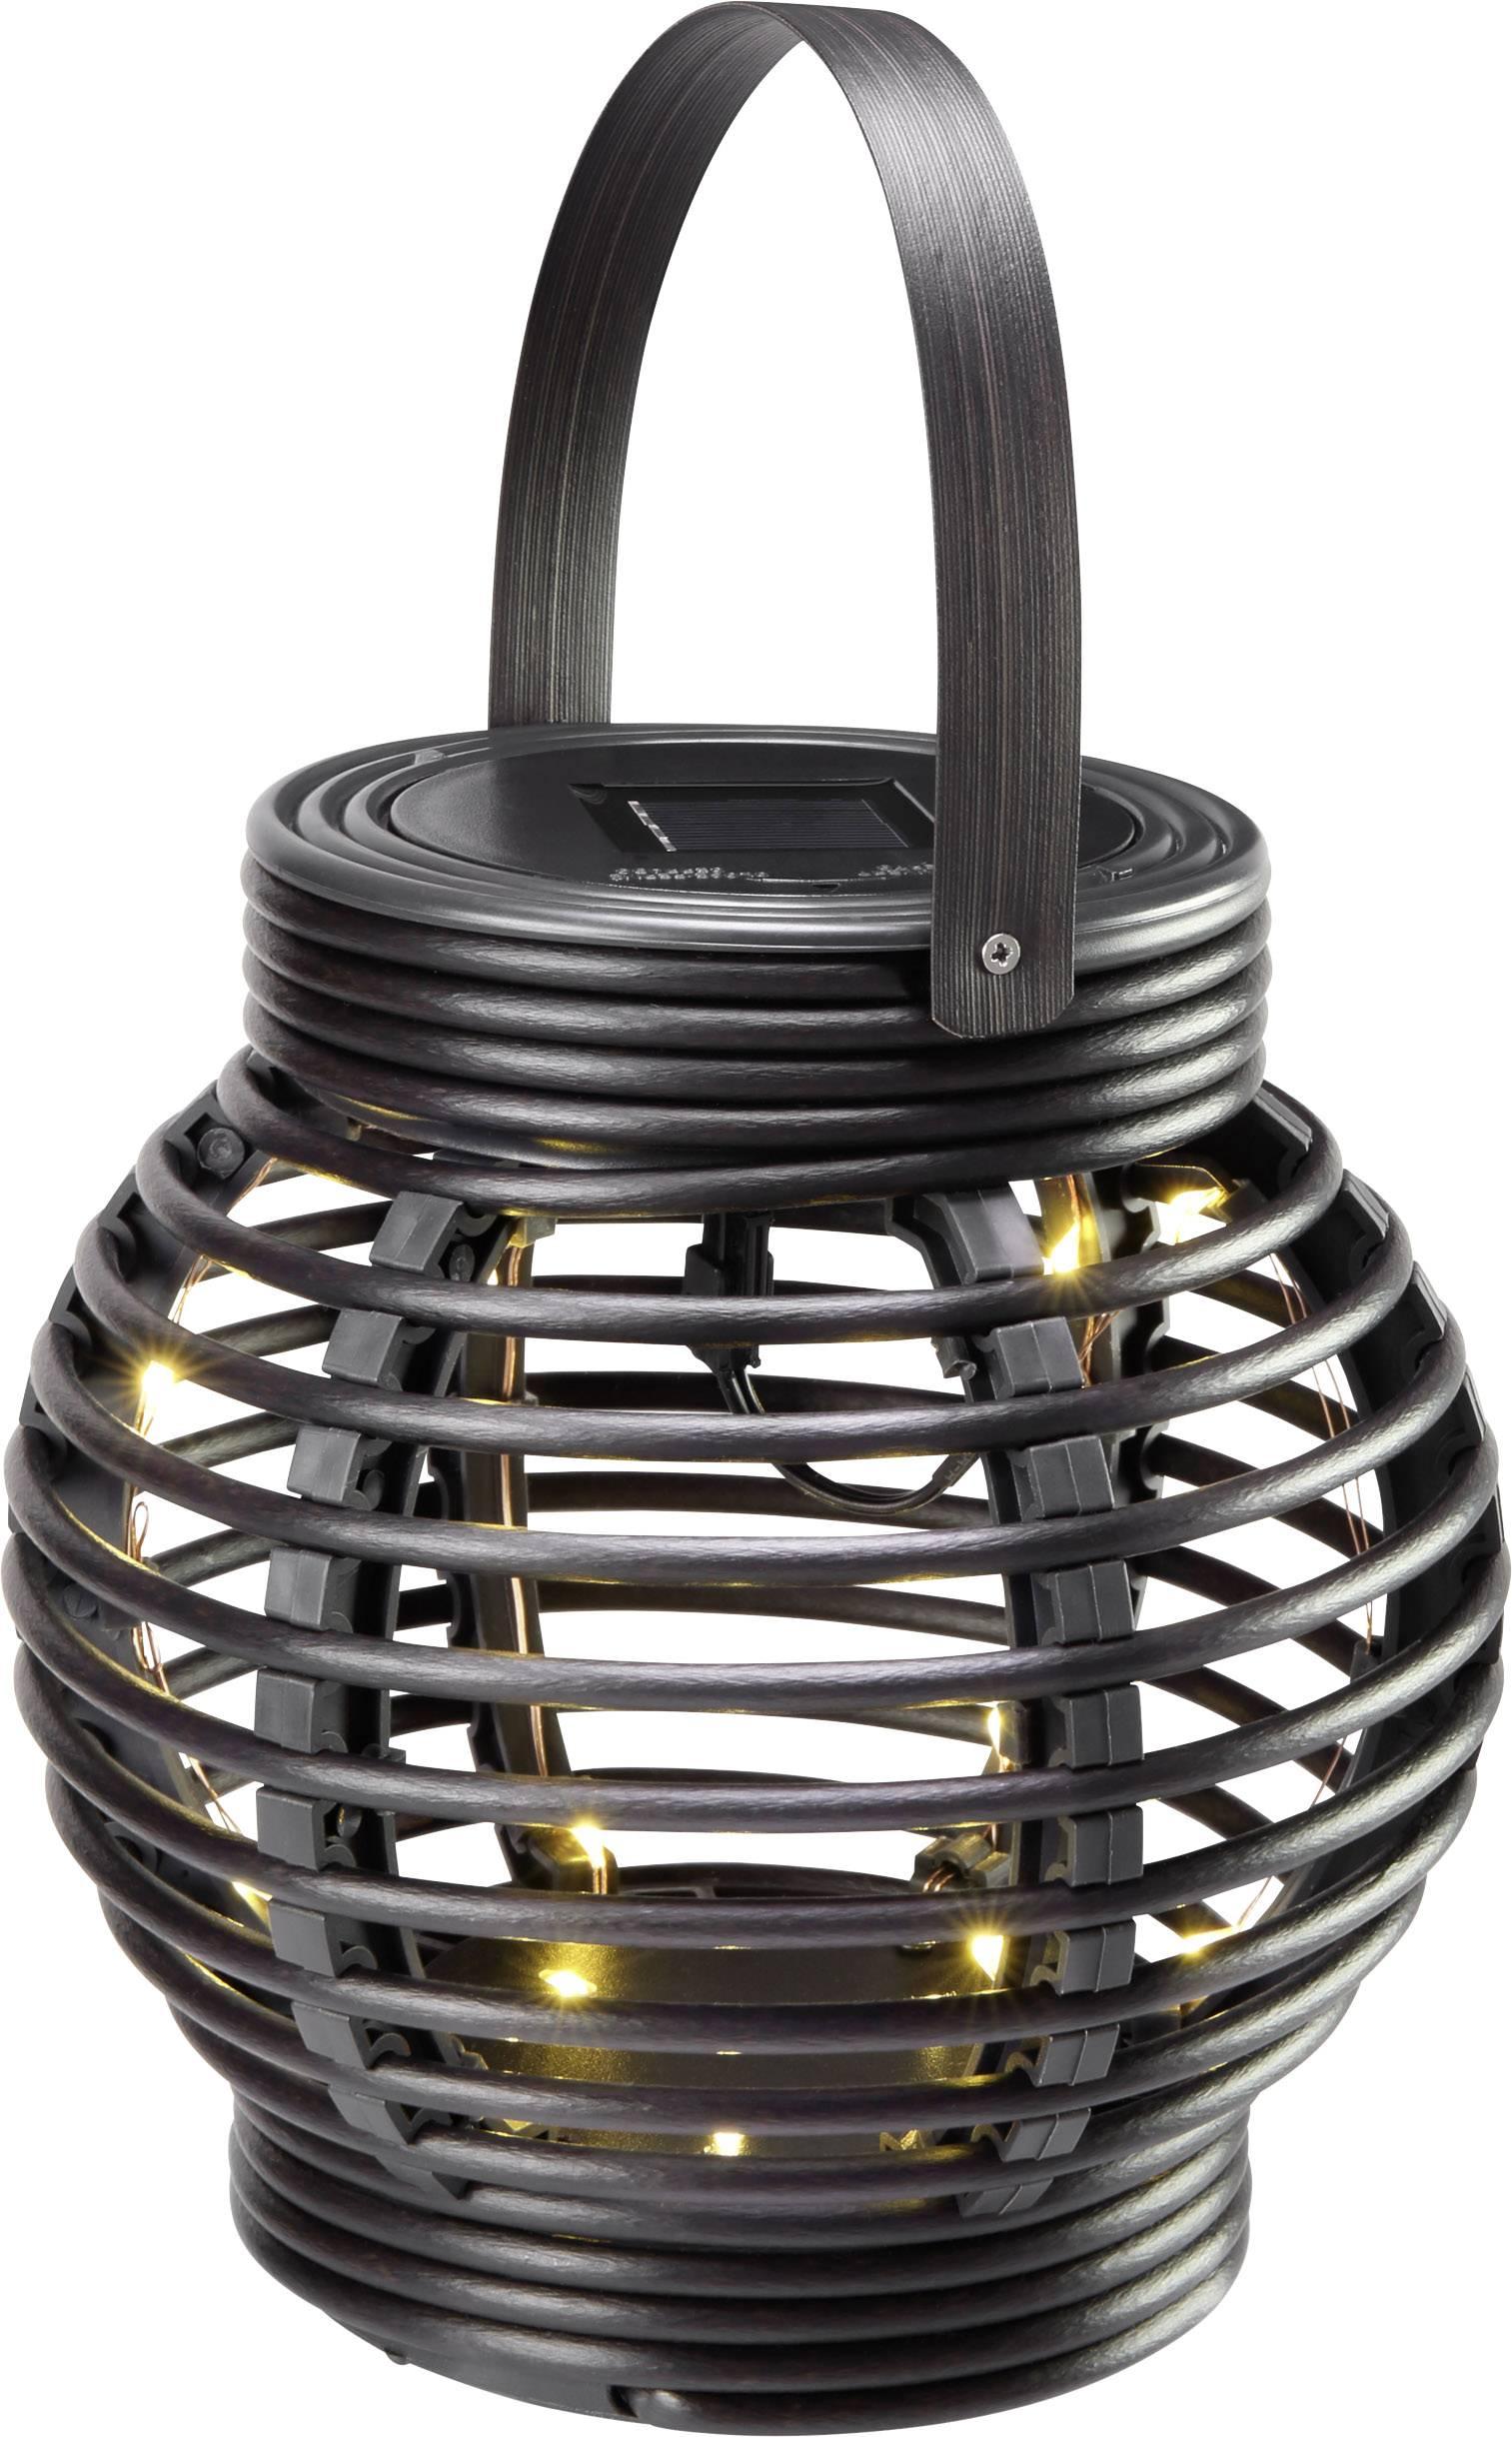 LED solární zahradní svítidlo Polarlite Rattan 160 PL-8220870, IP44, černá, teplá bílá